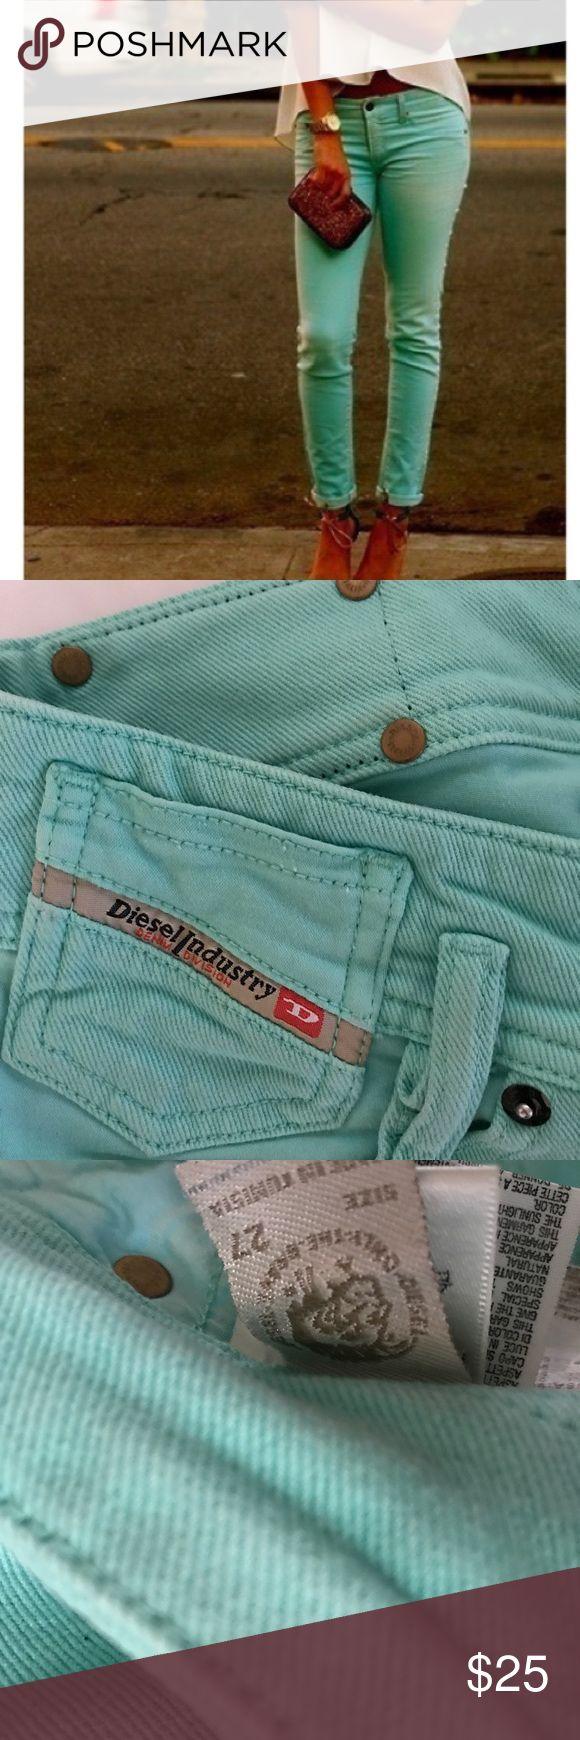 DIESEL MINT GREEN JEANS SZ. 27 Amazing mint green diesel  jeans. Great color and look great on. Diesel Jeans Skinny